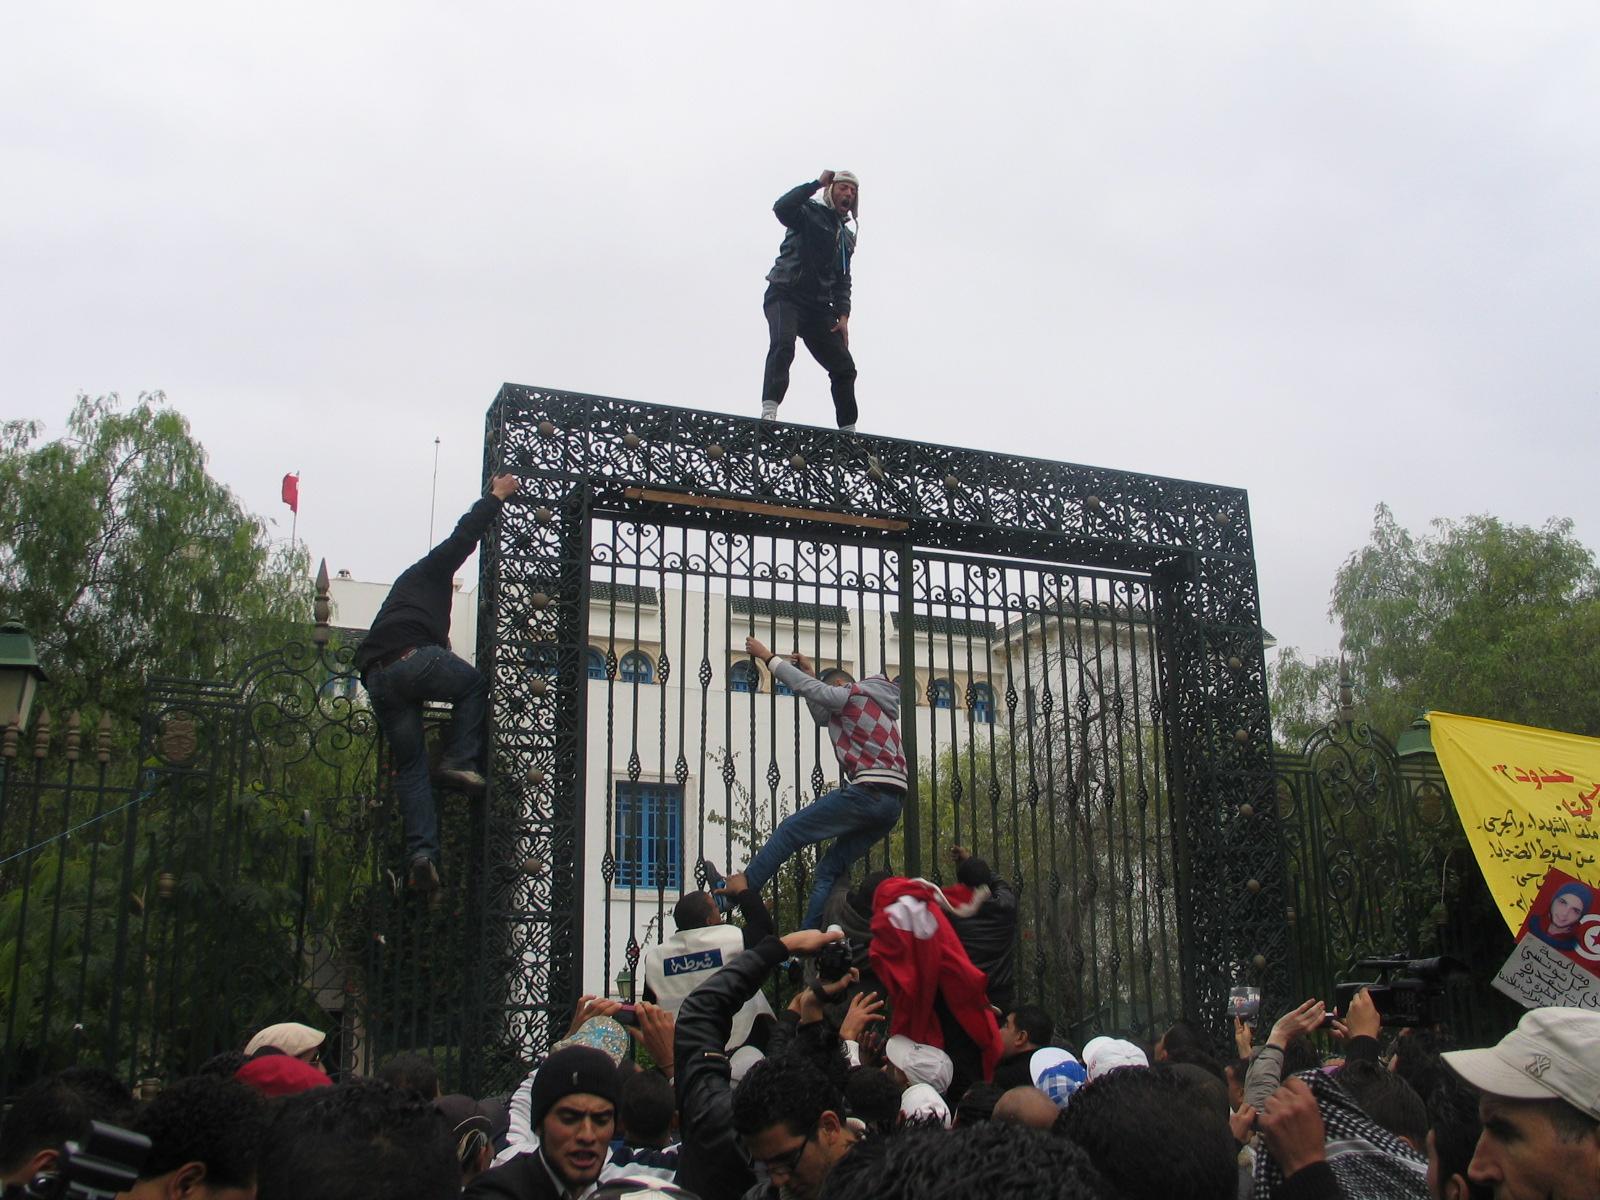 Aniversario de la revolución de Túnez: Pedrea a los gobernantes y sentada de las familias de las víctimas